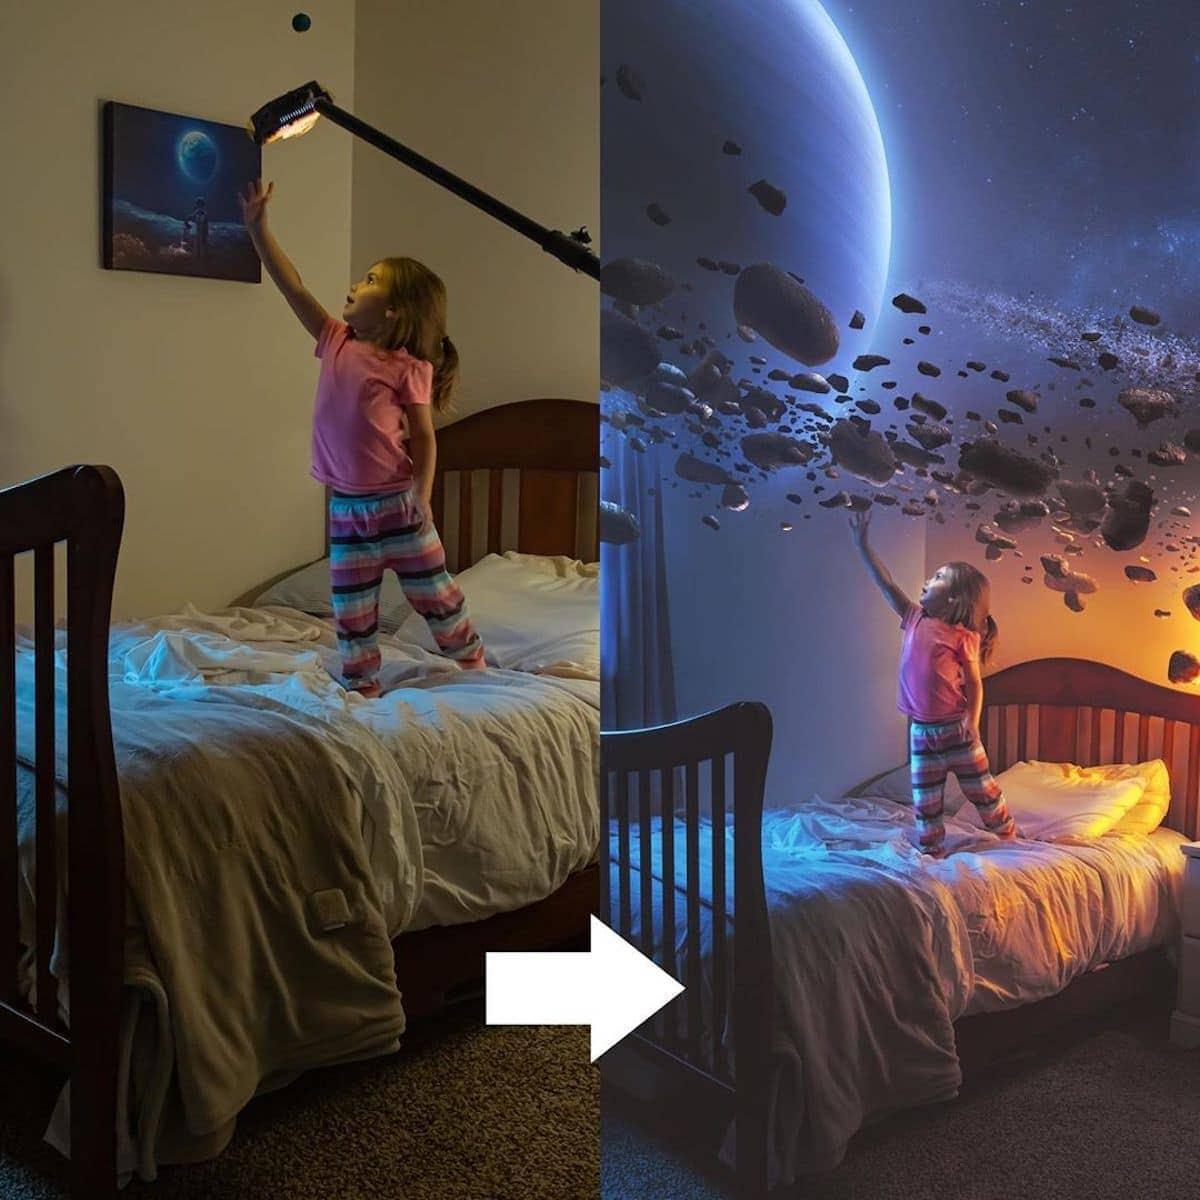 christian photoshops photo manipulation 3